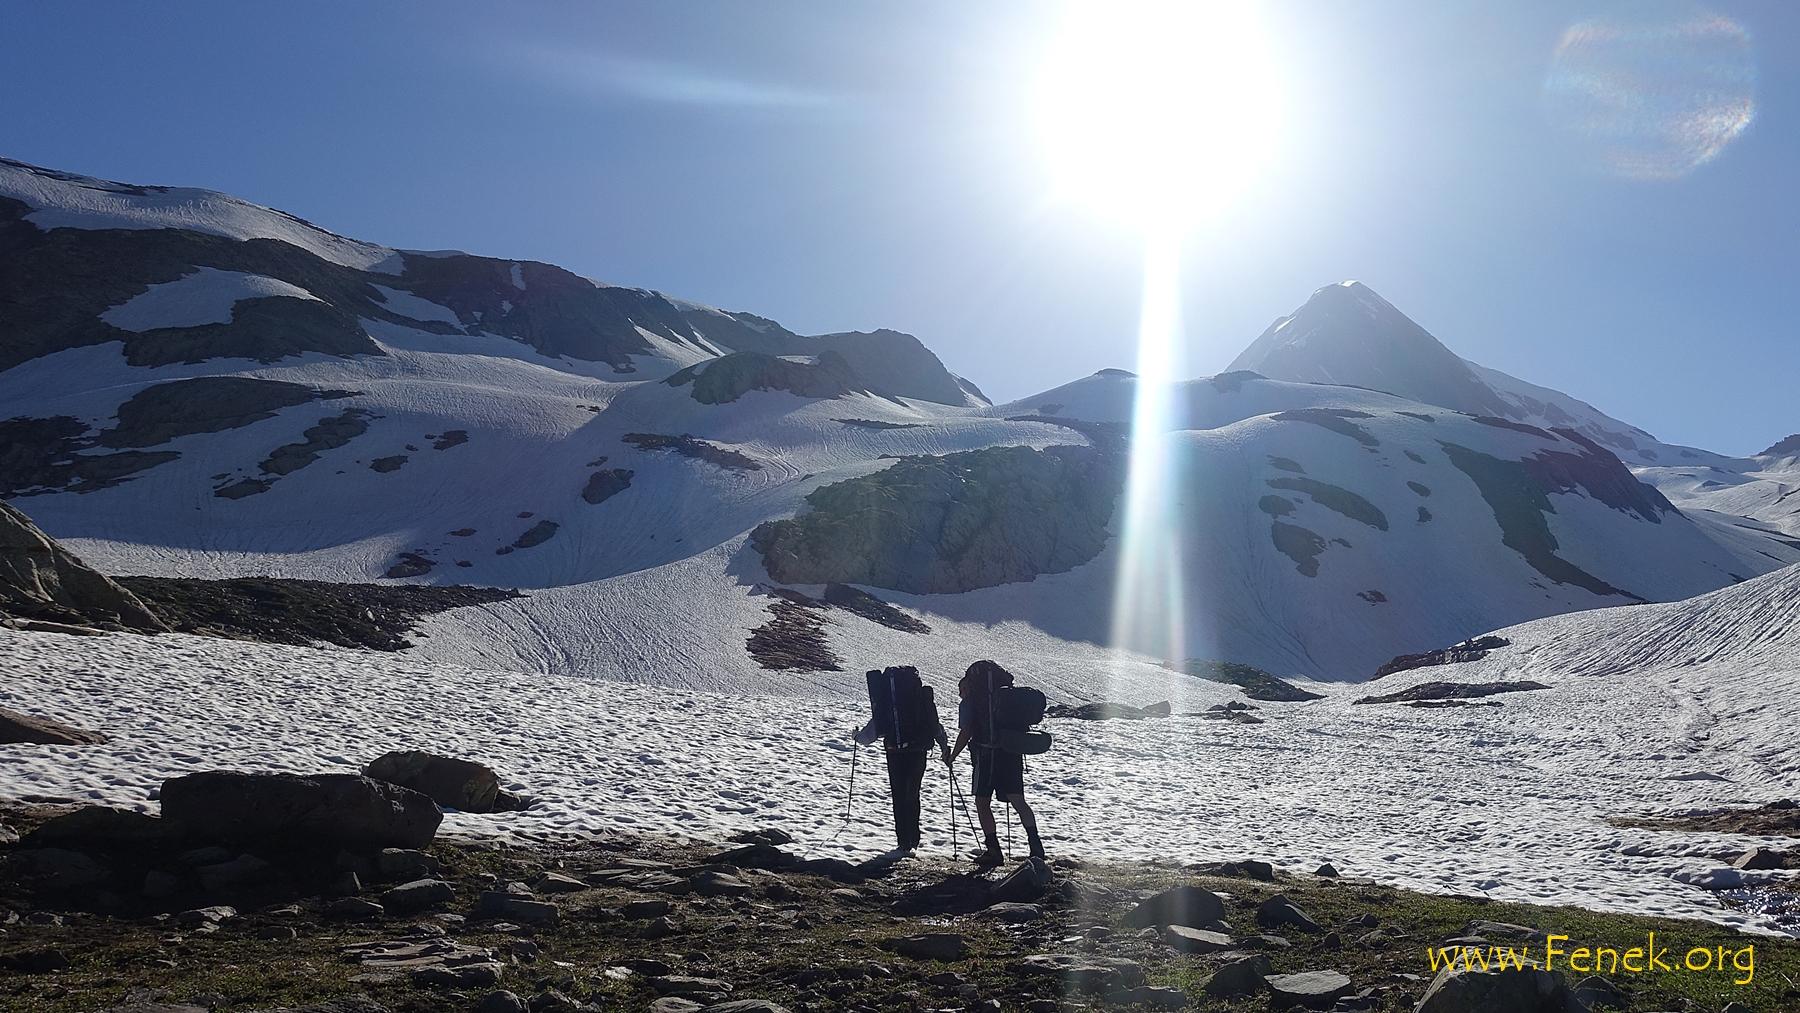 der Gipfel wird sichtbar - links davon wird unser Biwakplatz sein